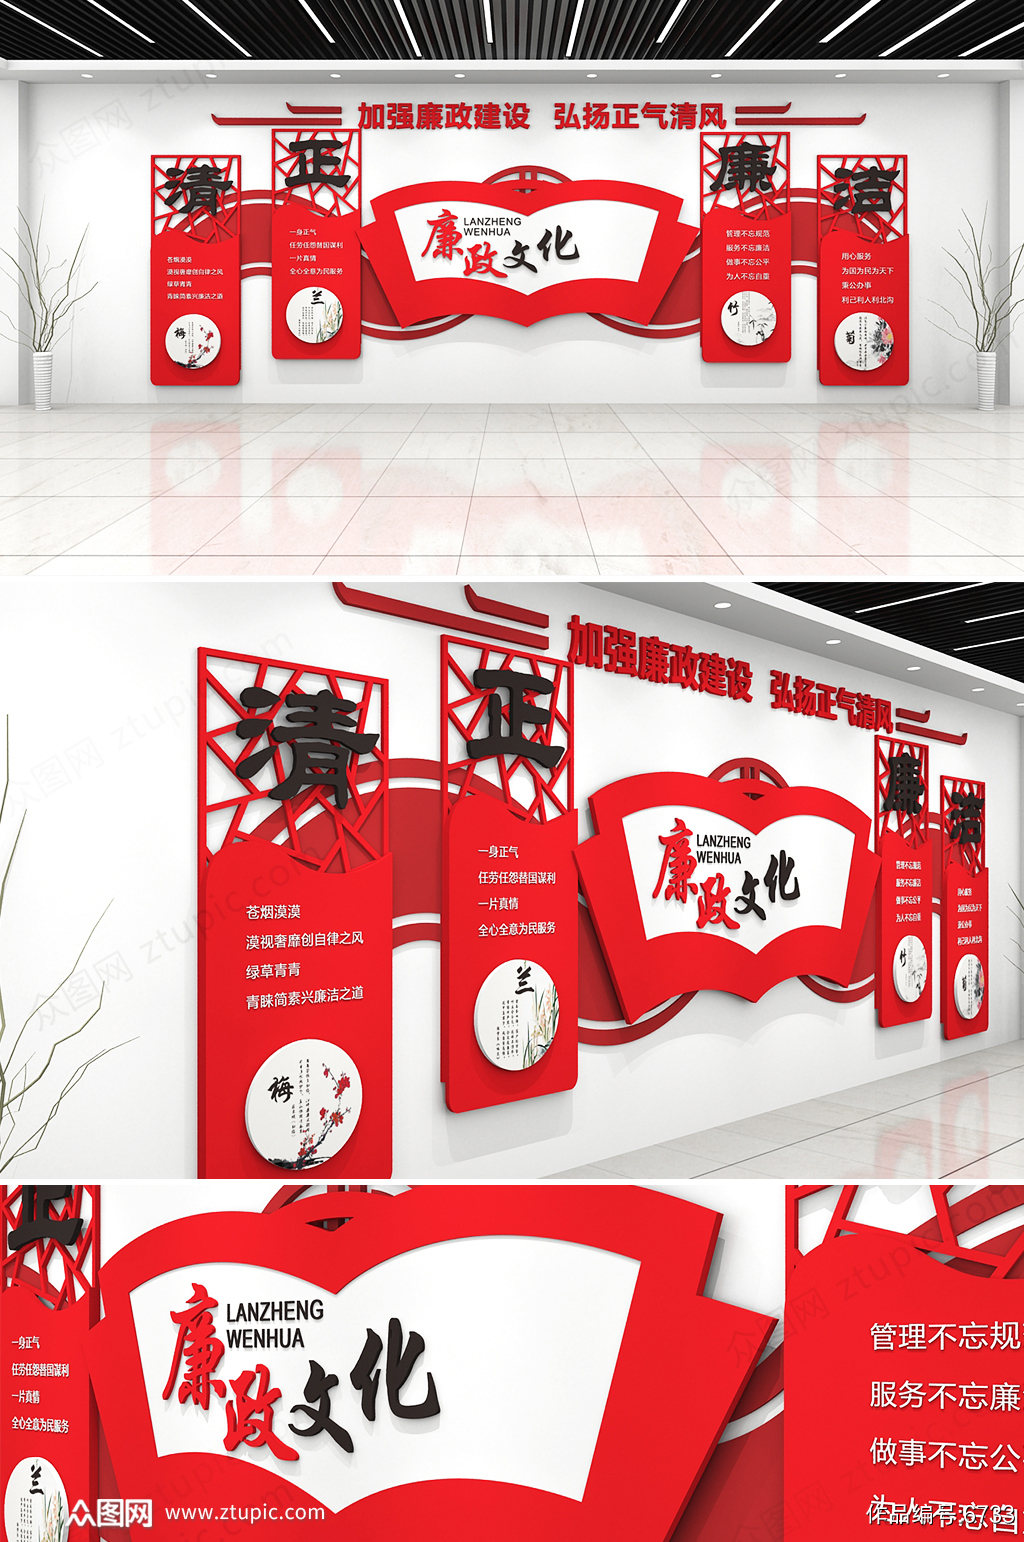 原创大气中国风古典党建文化墙廉政文化墙设计素材